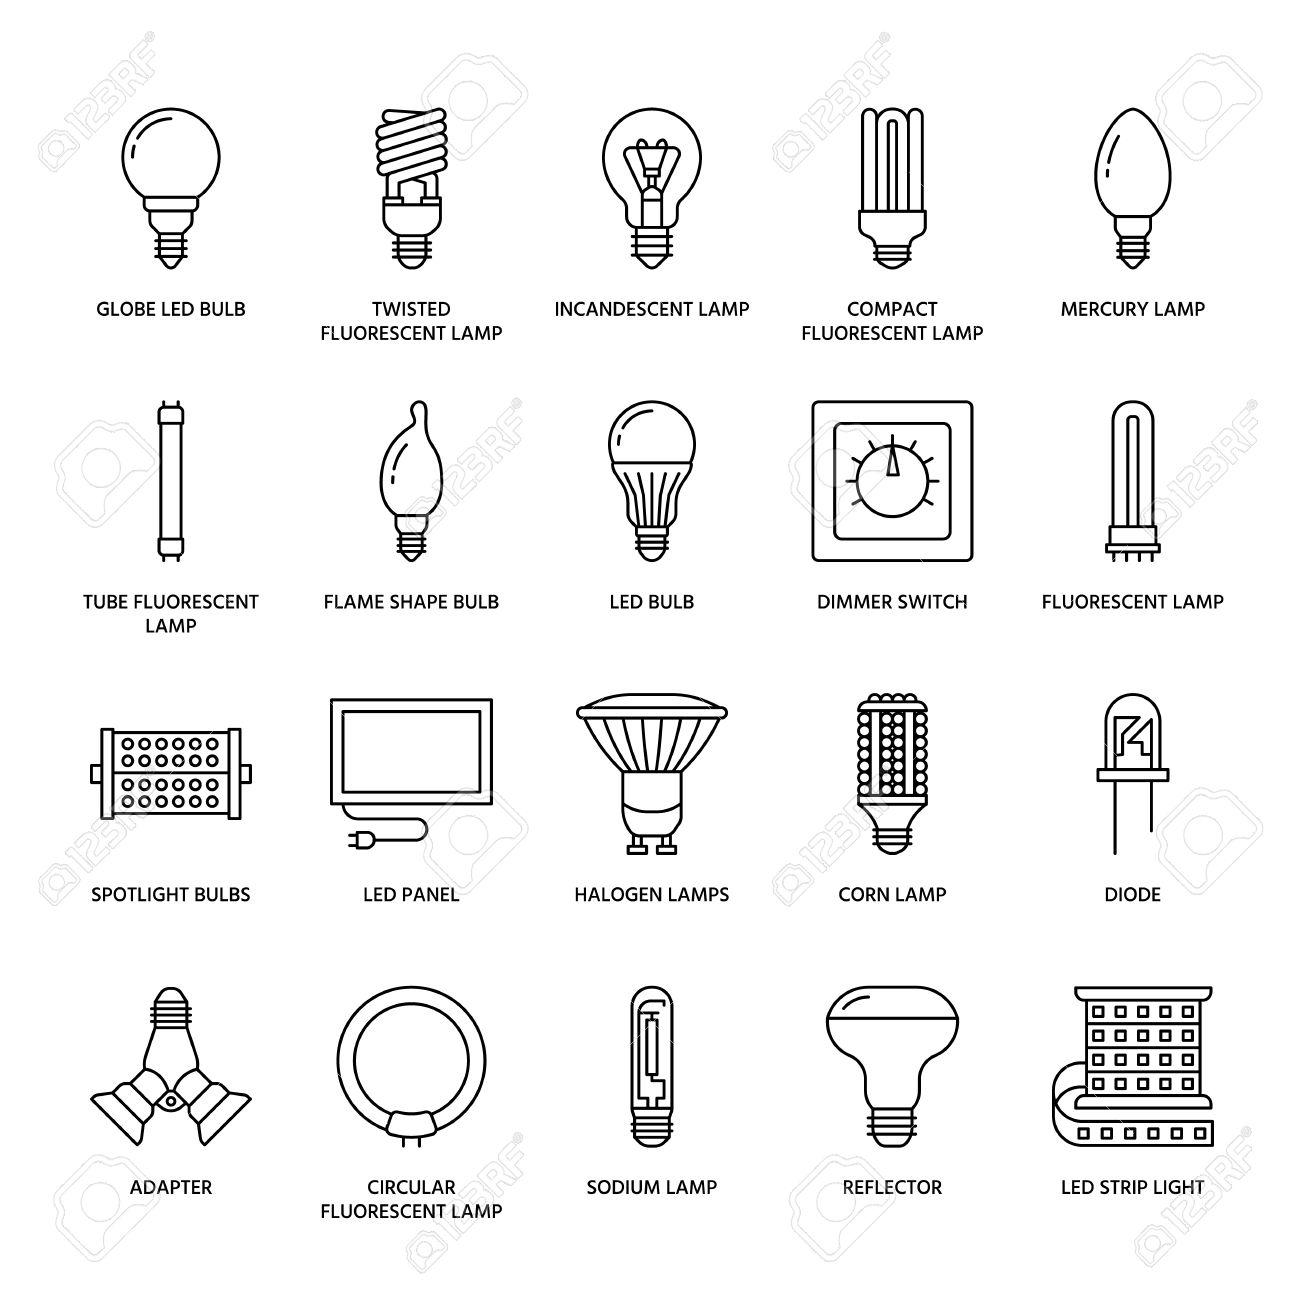 señales iluminacionesDelgadas bombillasTipos líneas y planas de de de Ledfluorescentesfilamentoshalógenosdiodos lámparas Iconos otras 4AL35Rjq